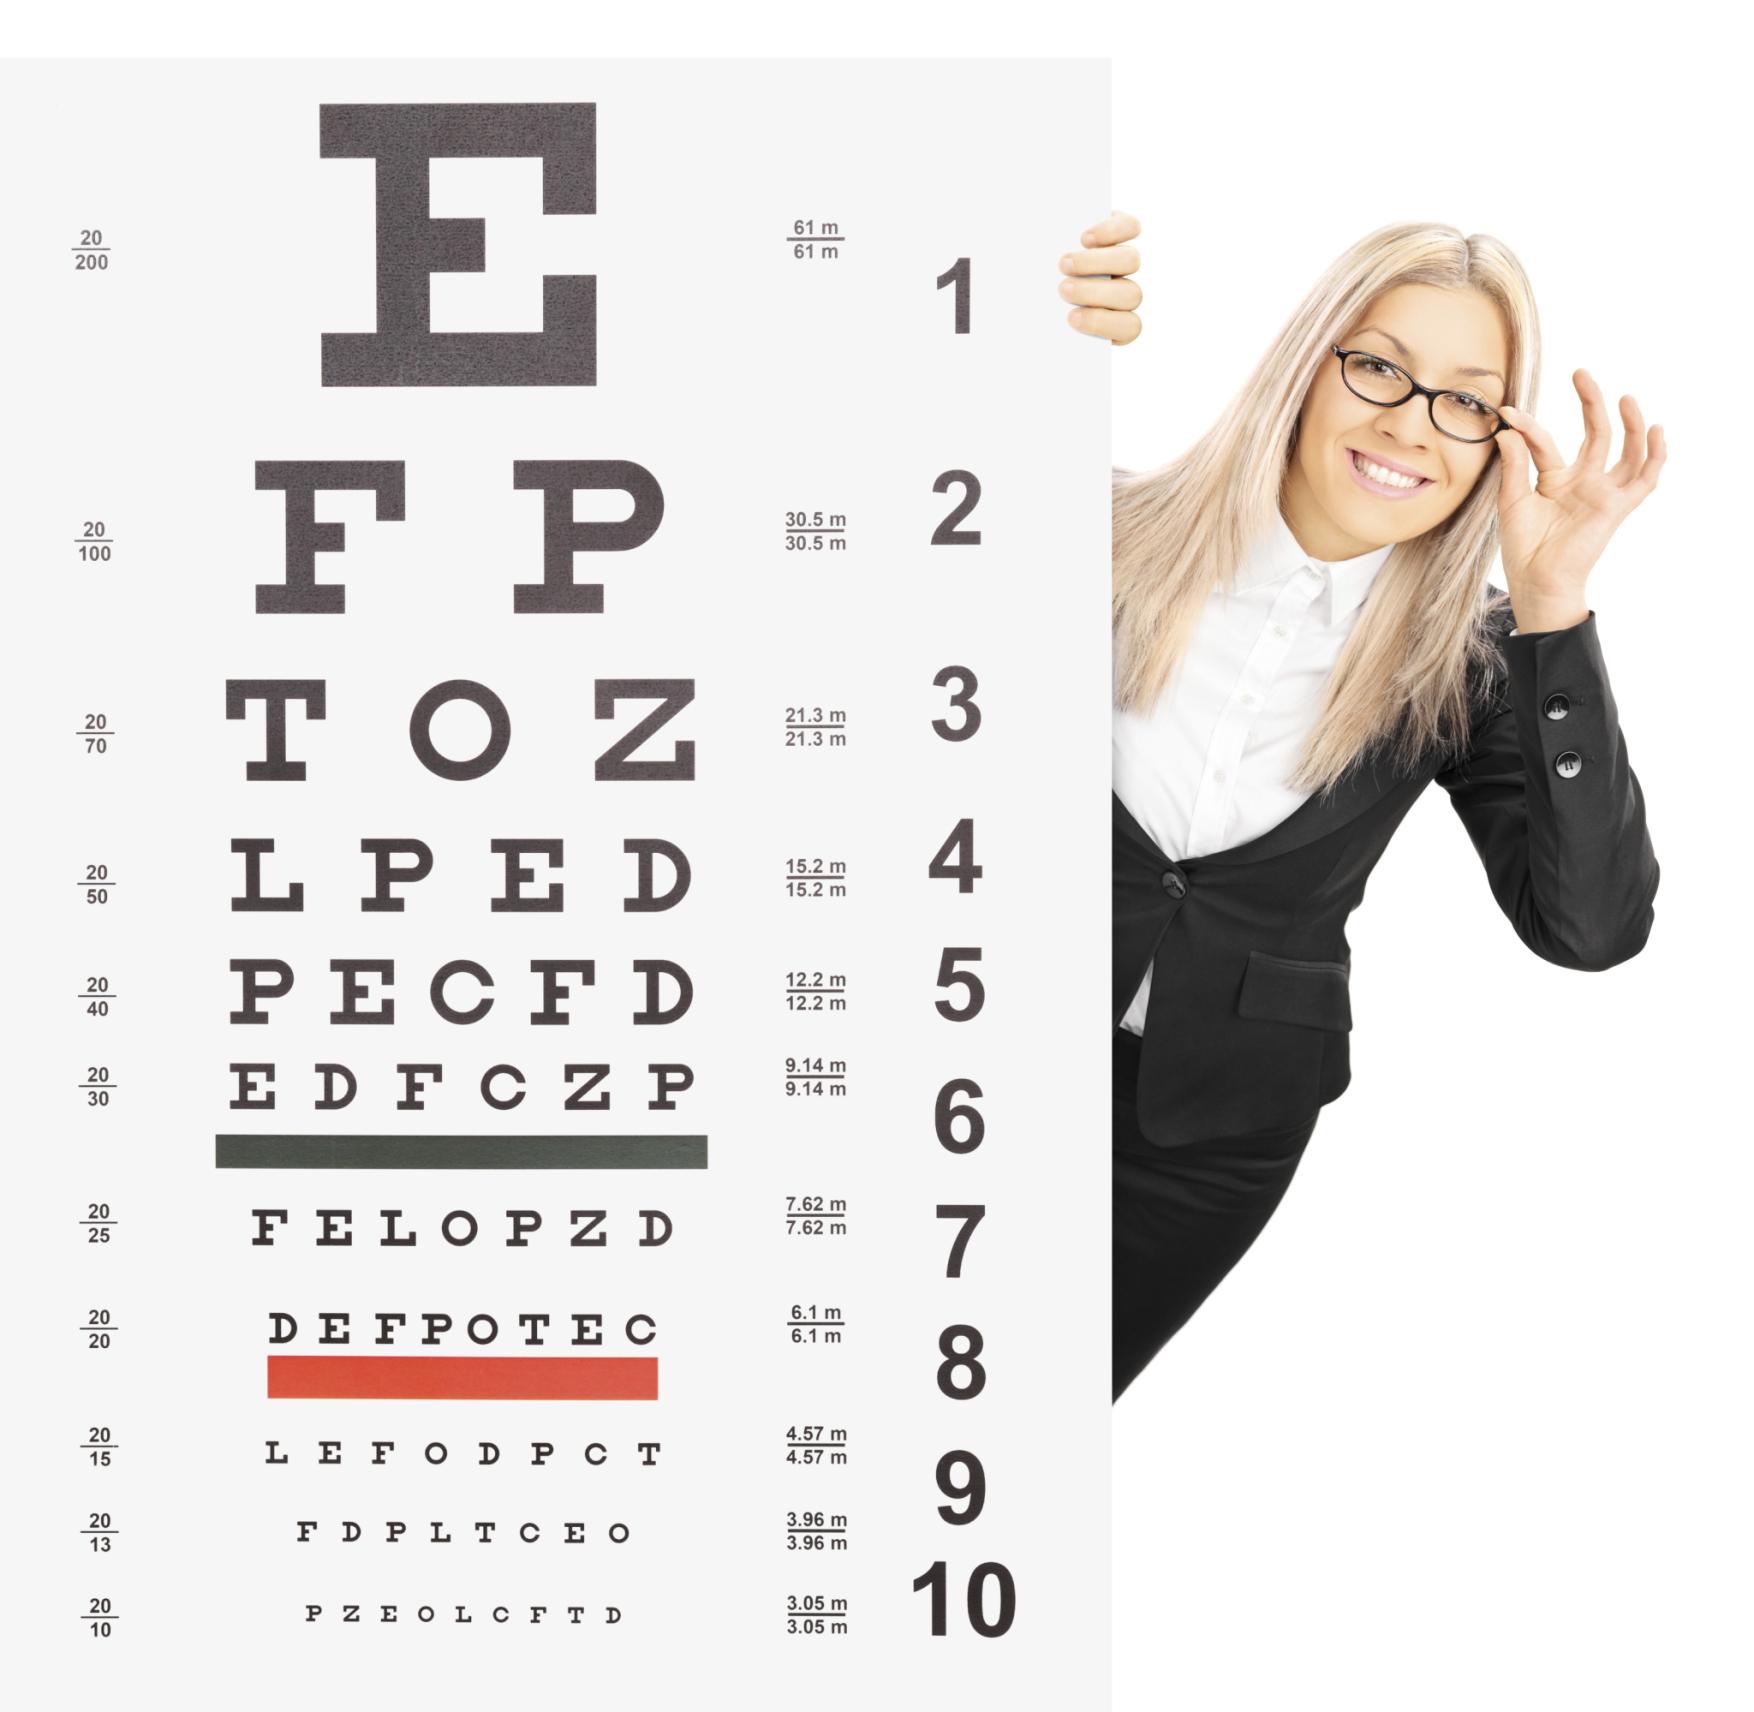 látás jobb 15 bal 6 látássérült oktatás